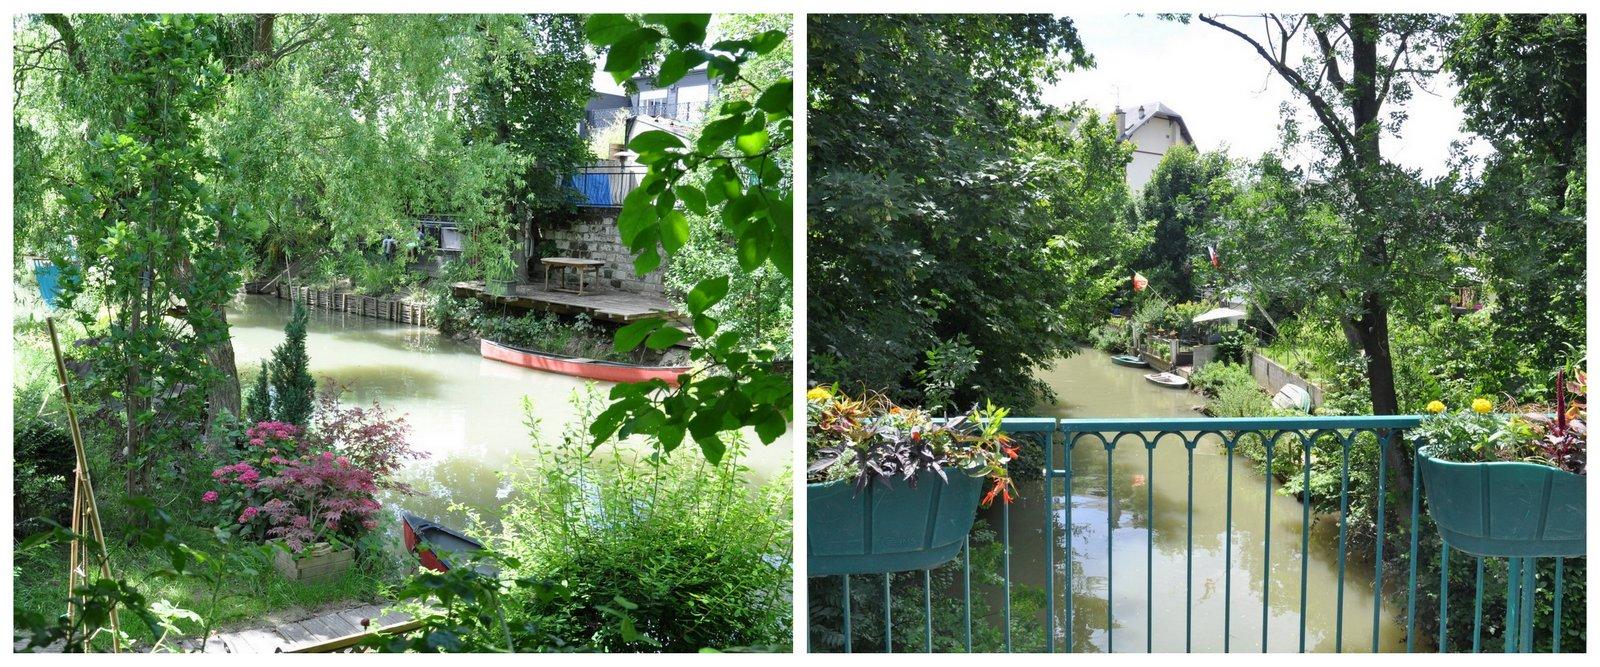 joinville-le-pont-canal-polangis-montaje